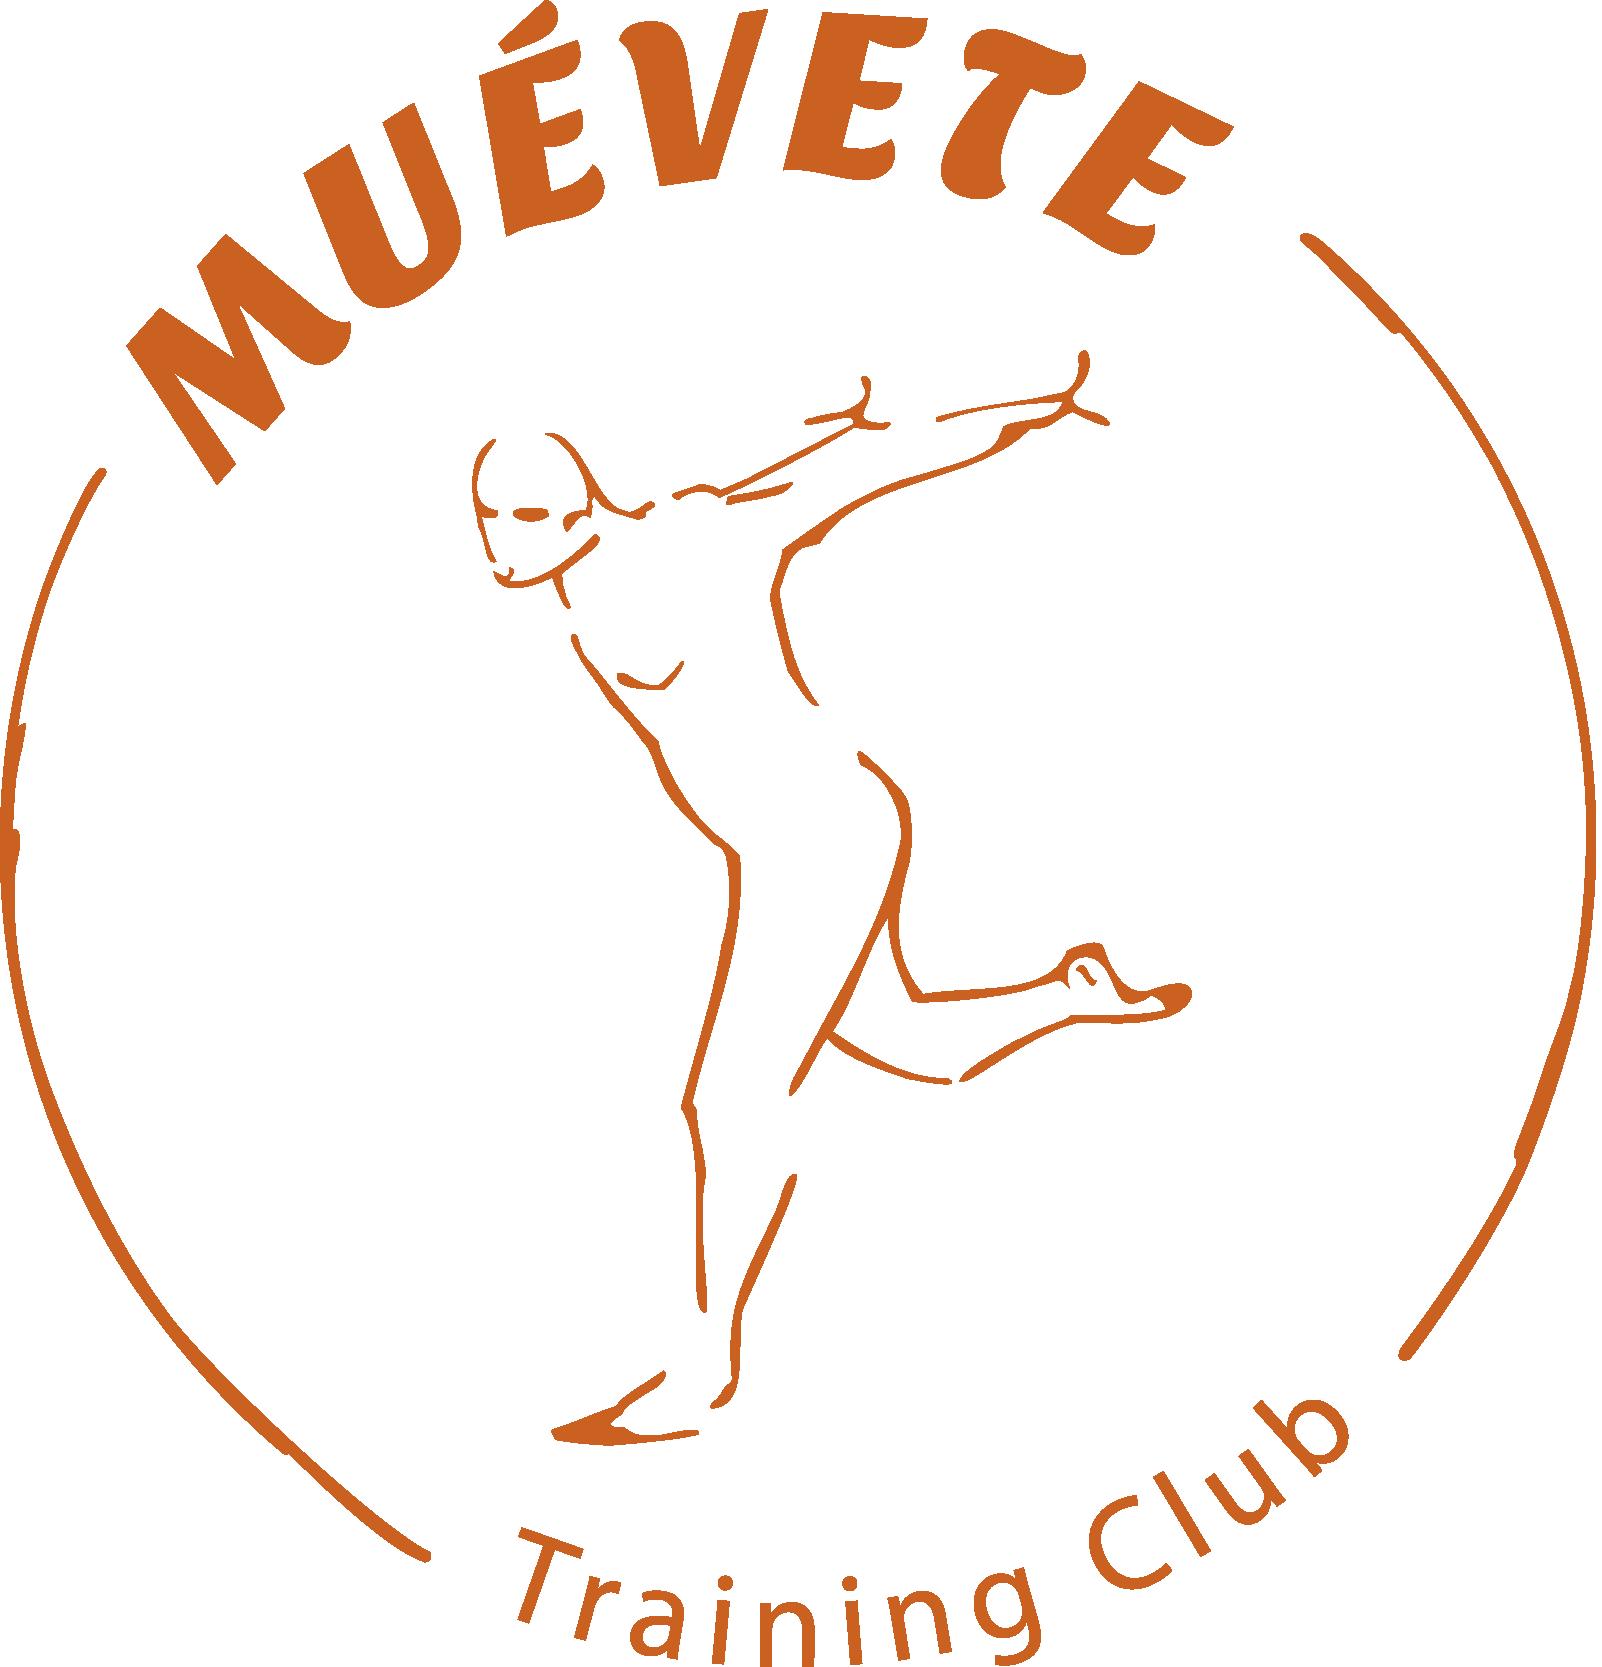 mueveteclub.com